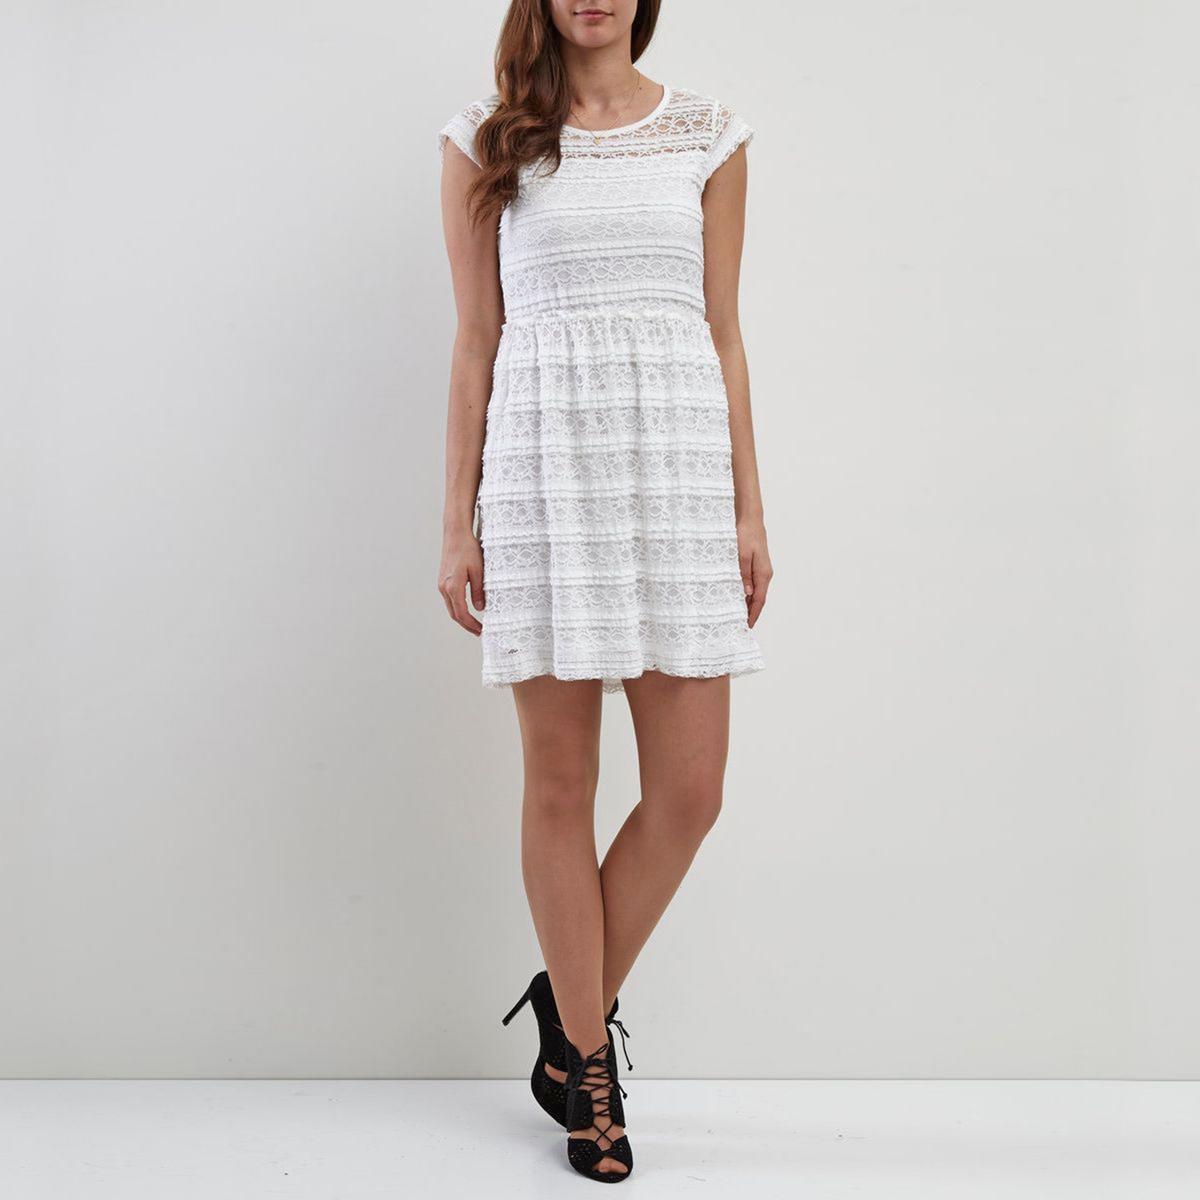 Платье расклешенное с короткими рукавамиДетали  •  Форма : расклешенная   •  Укороченная модель •  Короткие рукава    •  Круглый вырезСостав и уход  •  75% хлопка, 5% эластана, 20% полиамида •  Следуйте рекомендациям по уходу, указанным на этикетке изделия<br><br>Цвет: белый<br>Размер: M